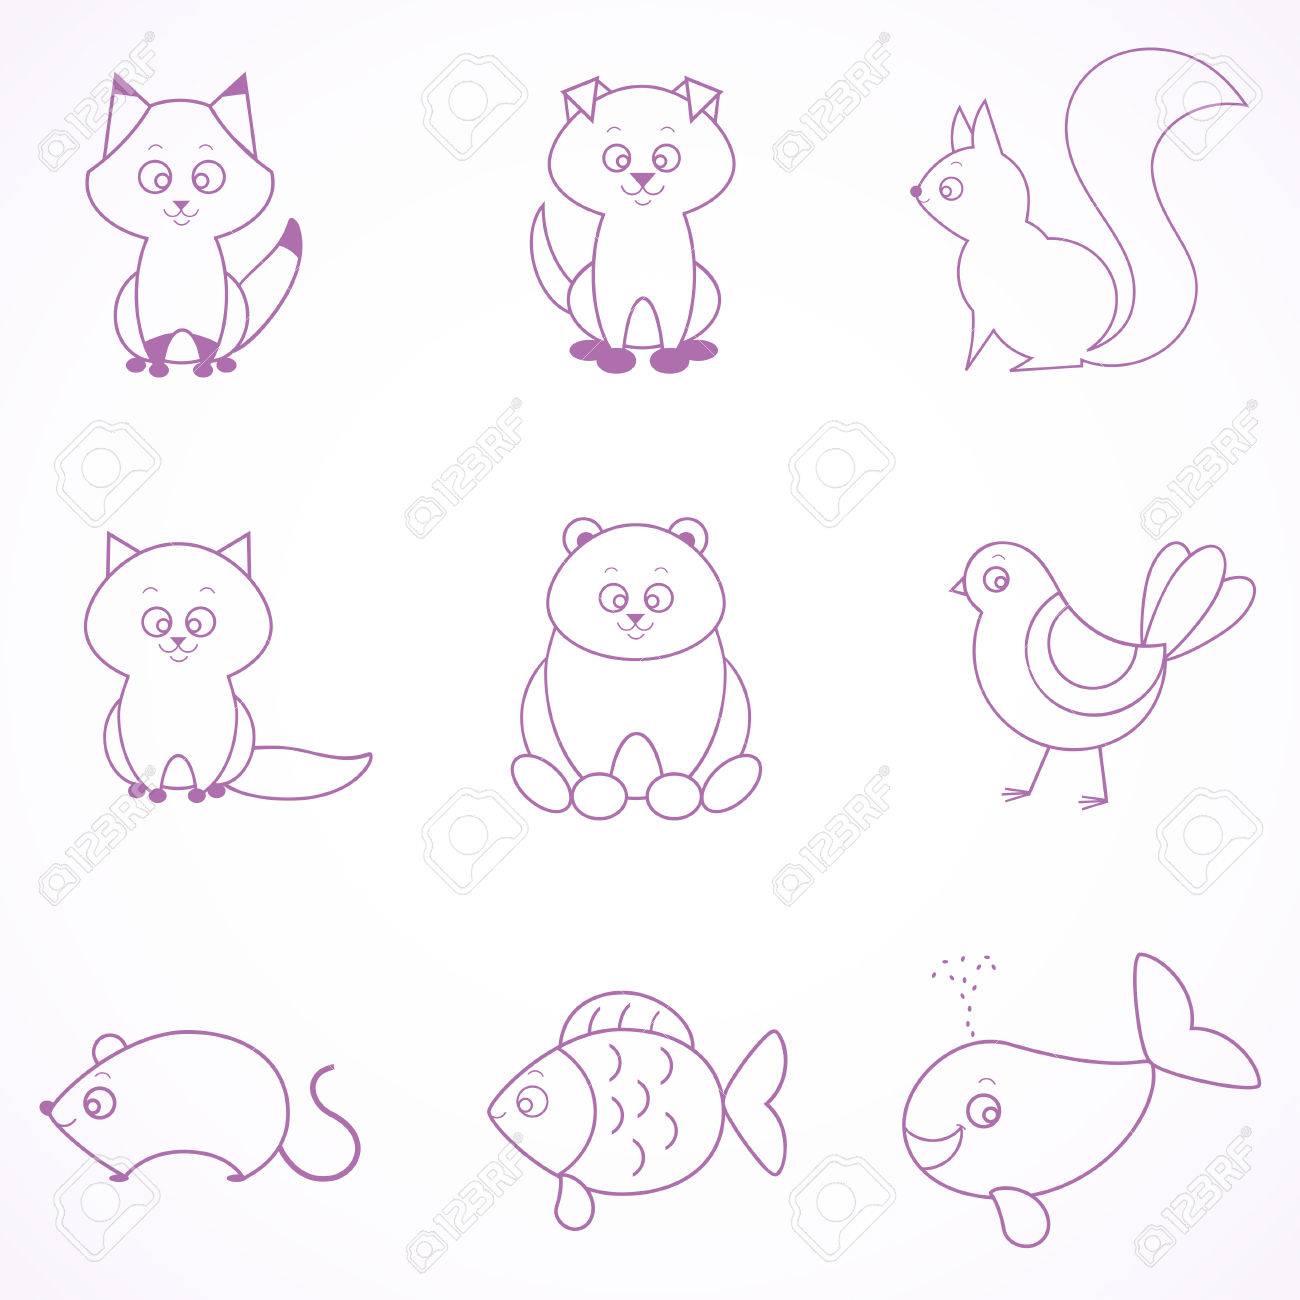 Stilvolle Reihe Schöne Wohnung Tiere Zeichnen Sie Eine Einfache